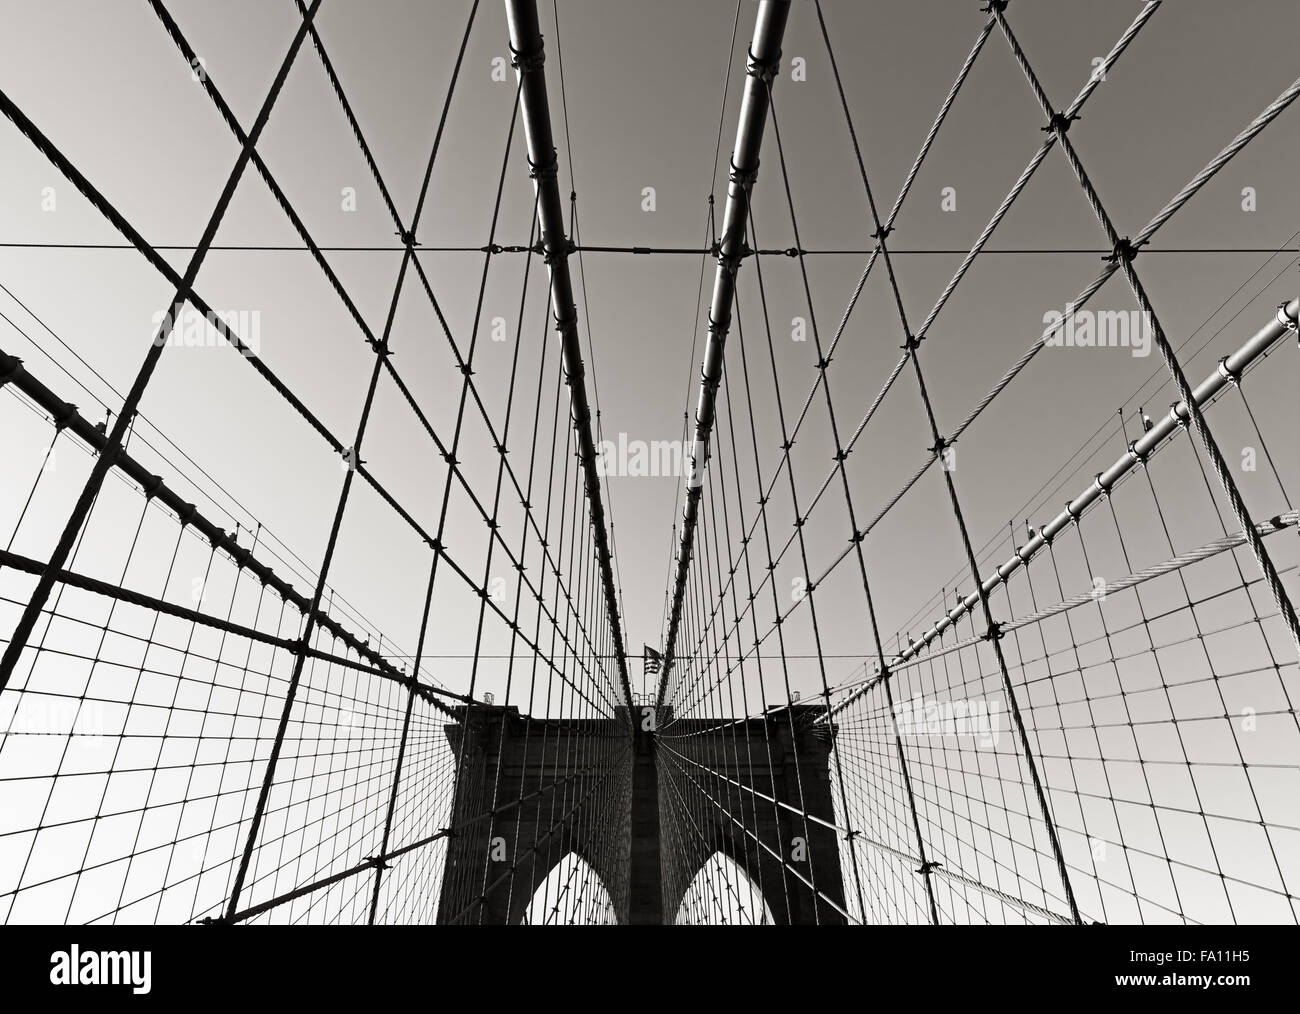 Brooklyn Bridge Tower in schwarz & weiß, mit doppelten gotischen Bögen und symmetrische Tragseile, Stockbild